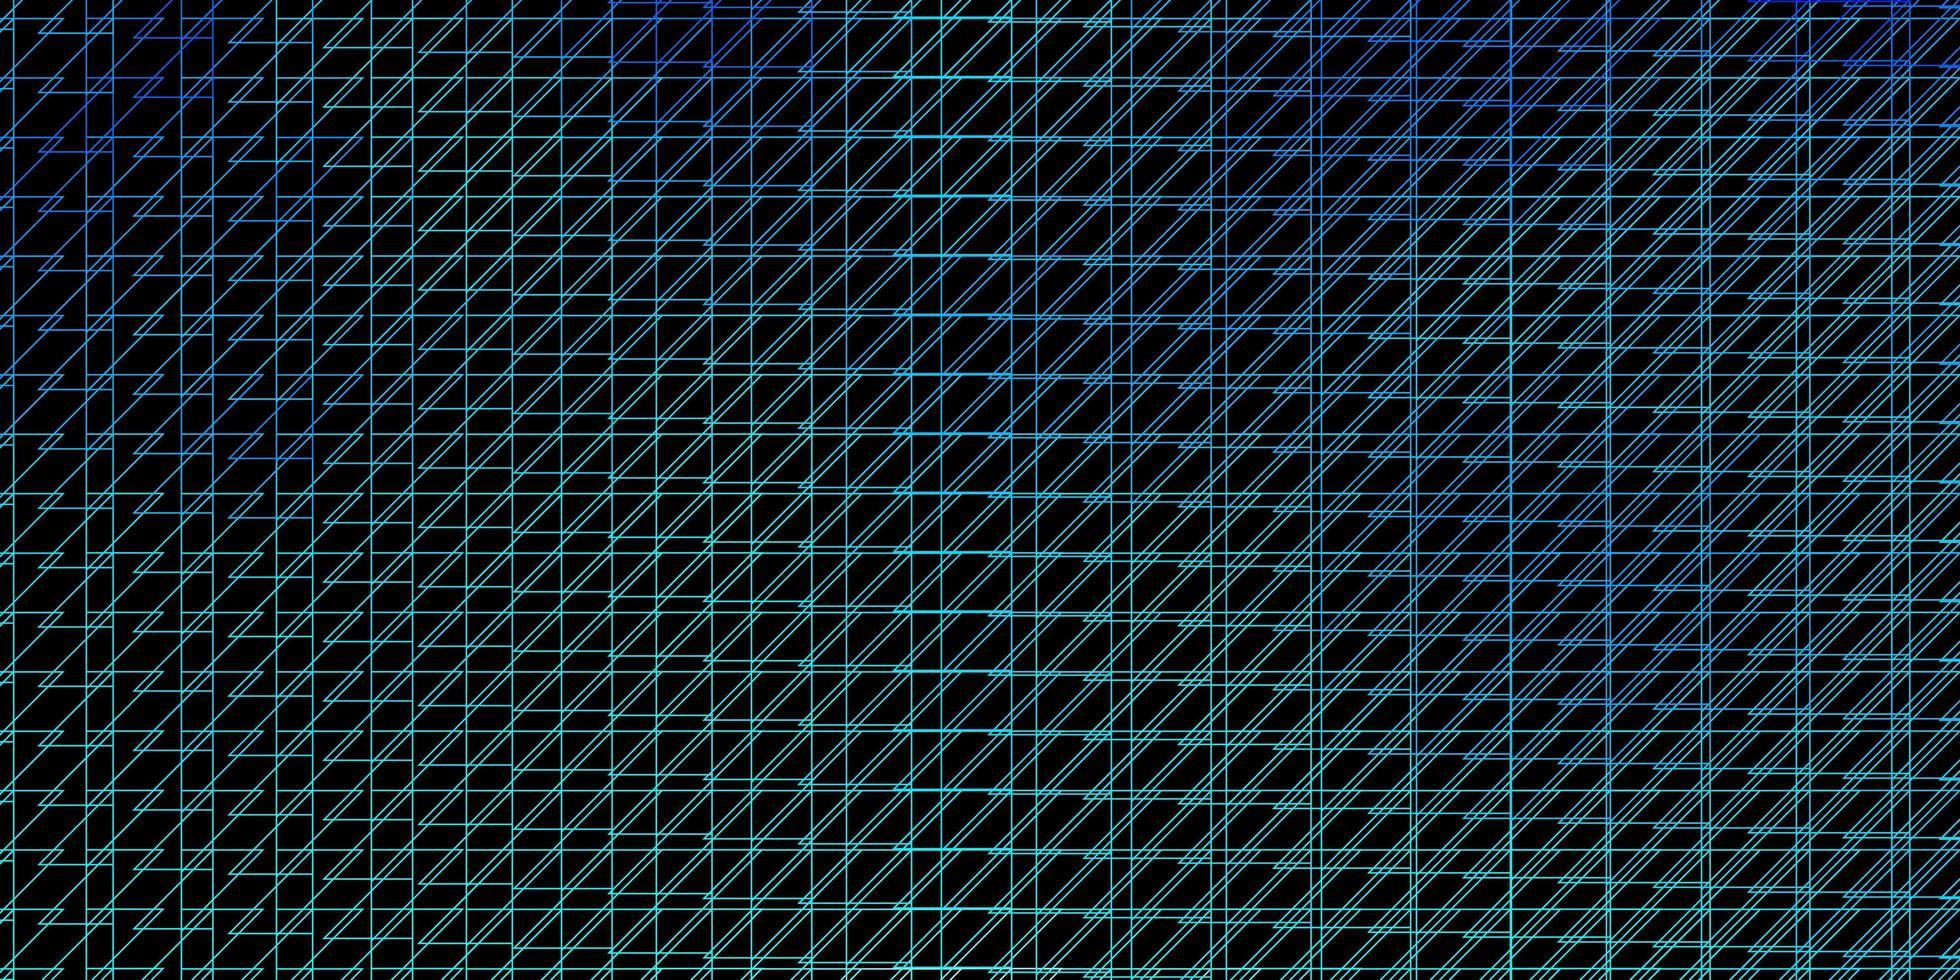 mörkblå vektormönster med linjer. vektor